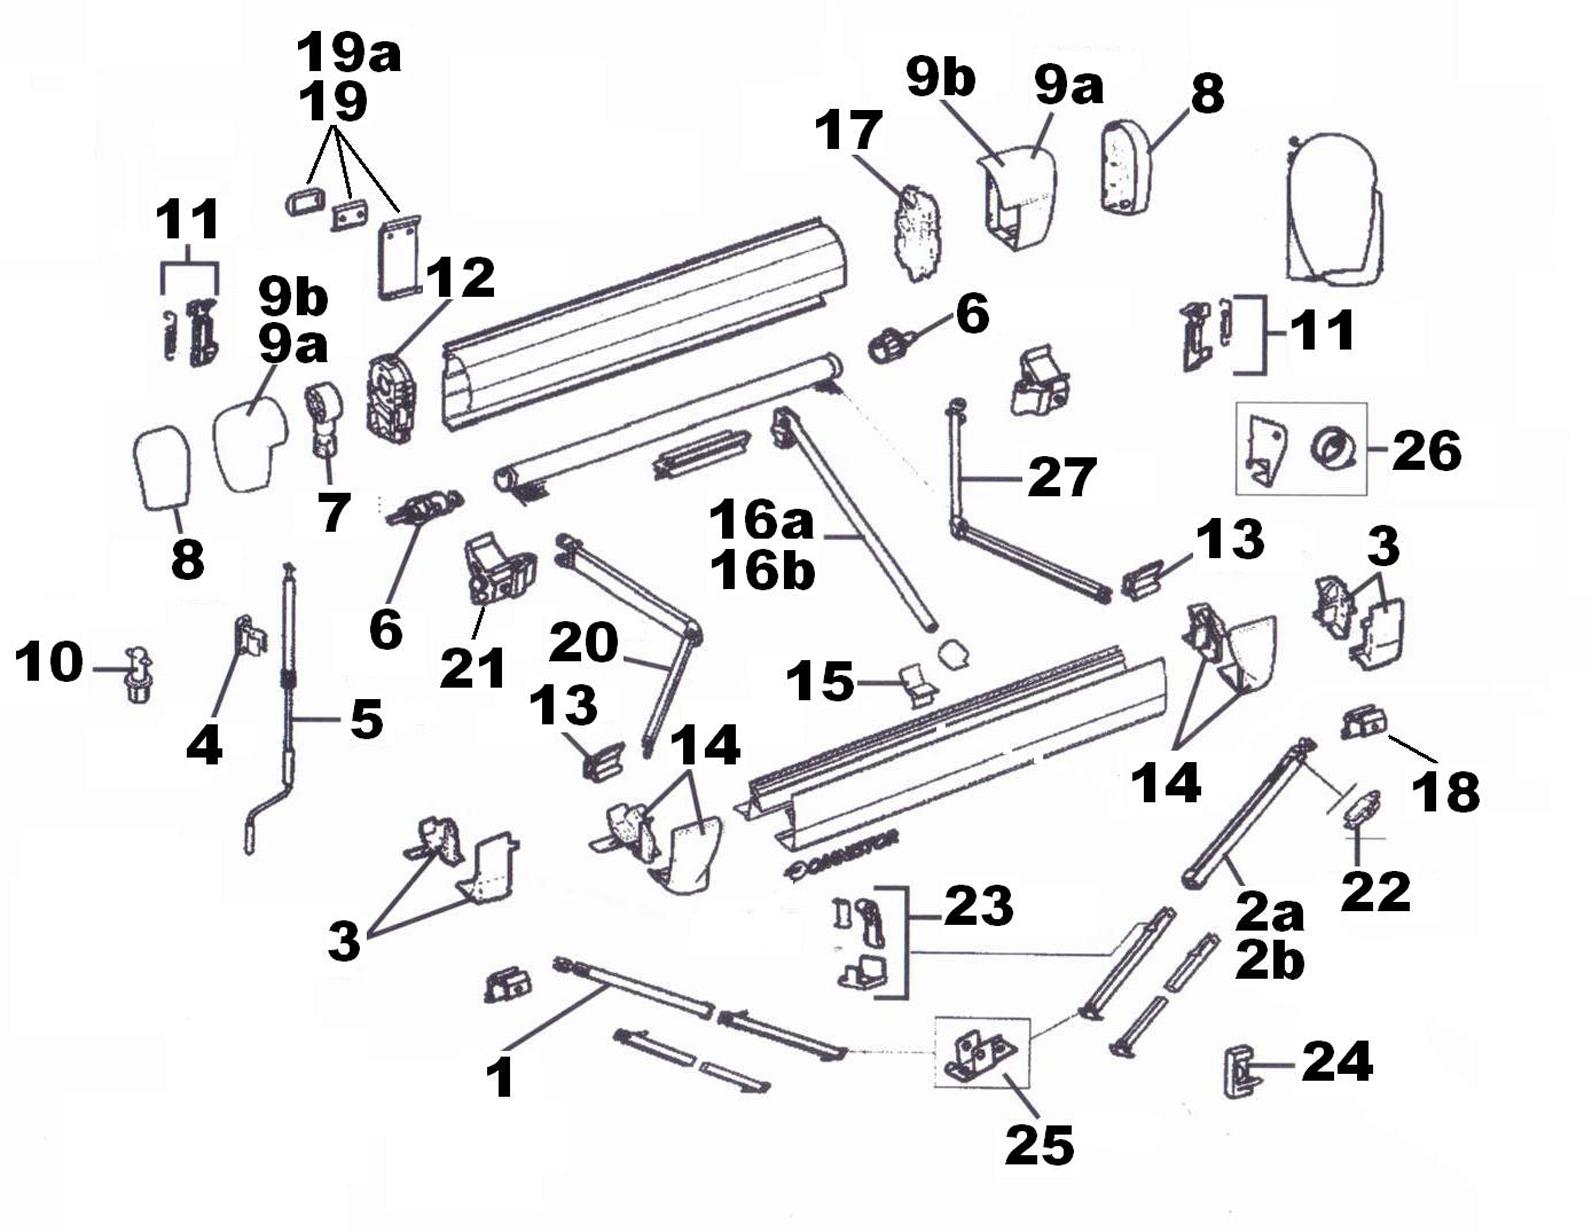 Acdc tous les accessoires pour votre camping car et - Pieces detachees store banne ...